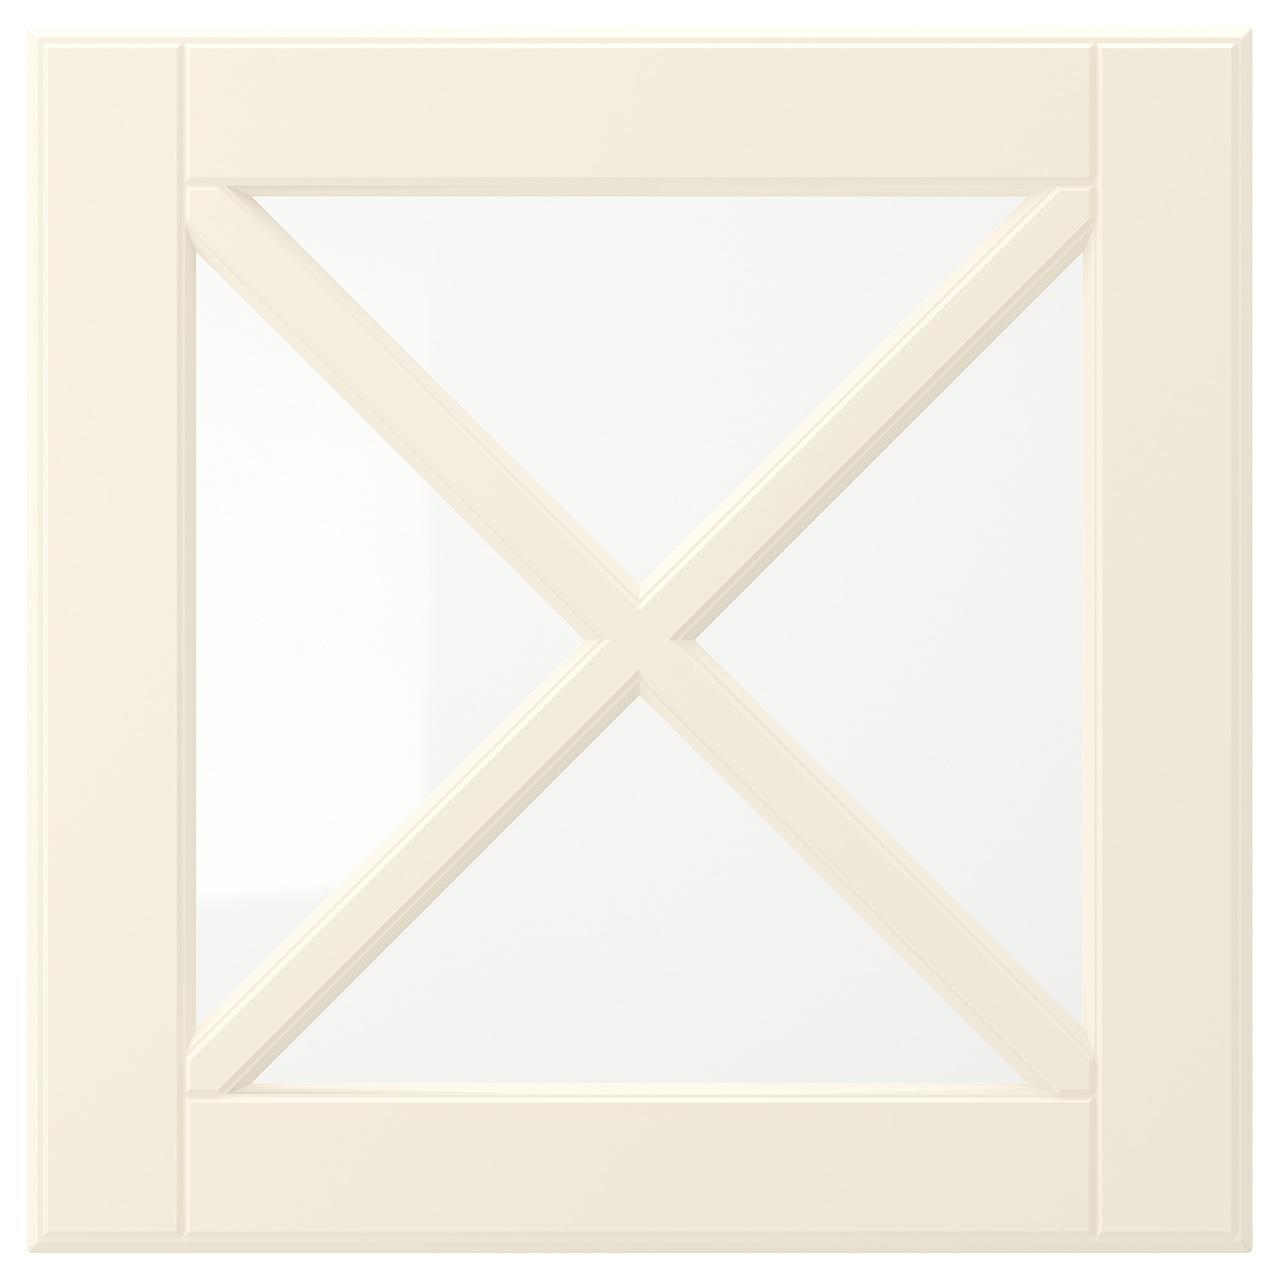 БУДБИН Стеклянная дверца с переплетом, белый с оттенком